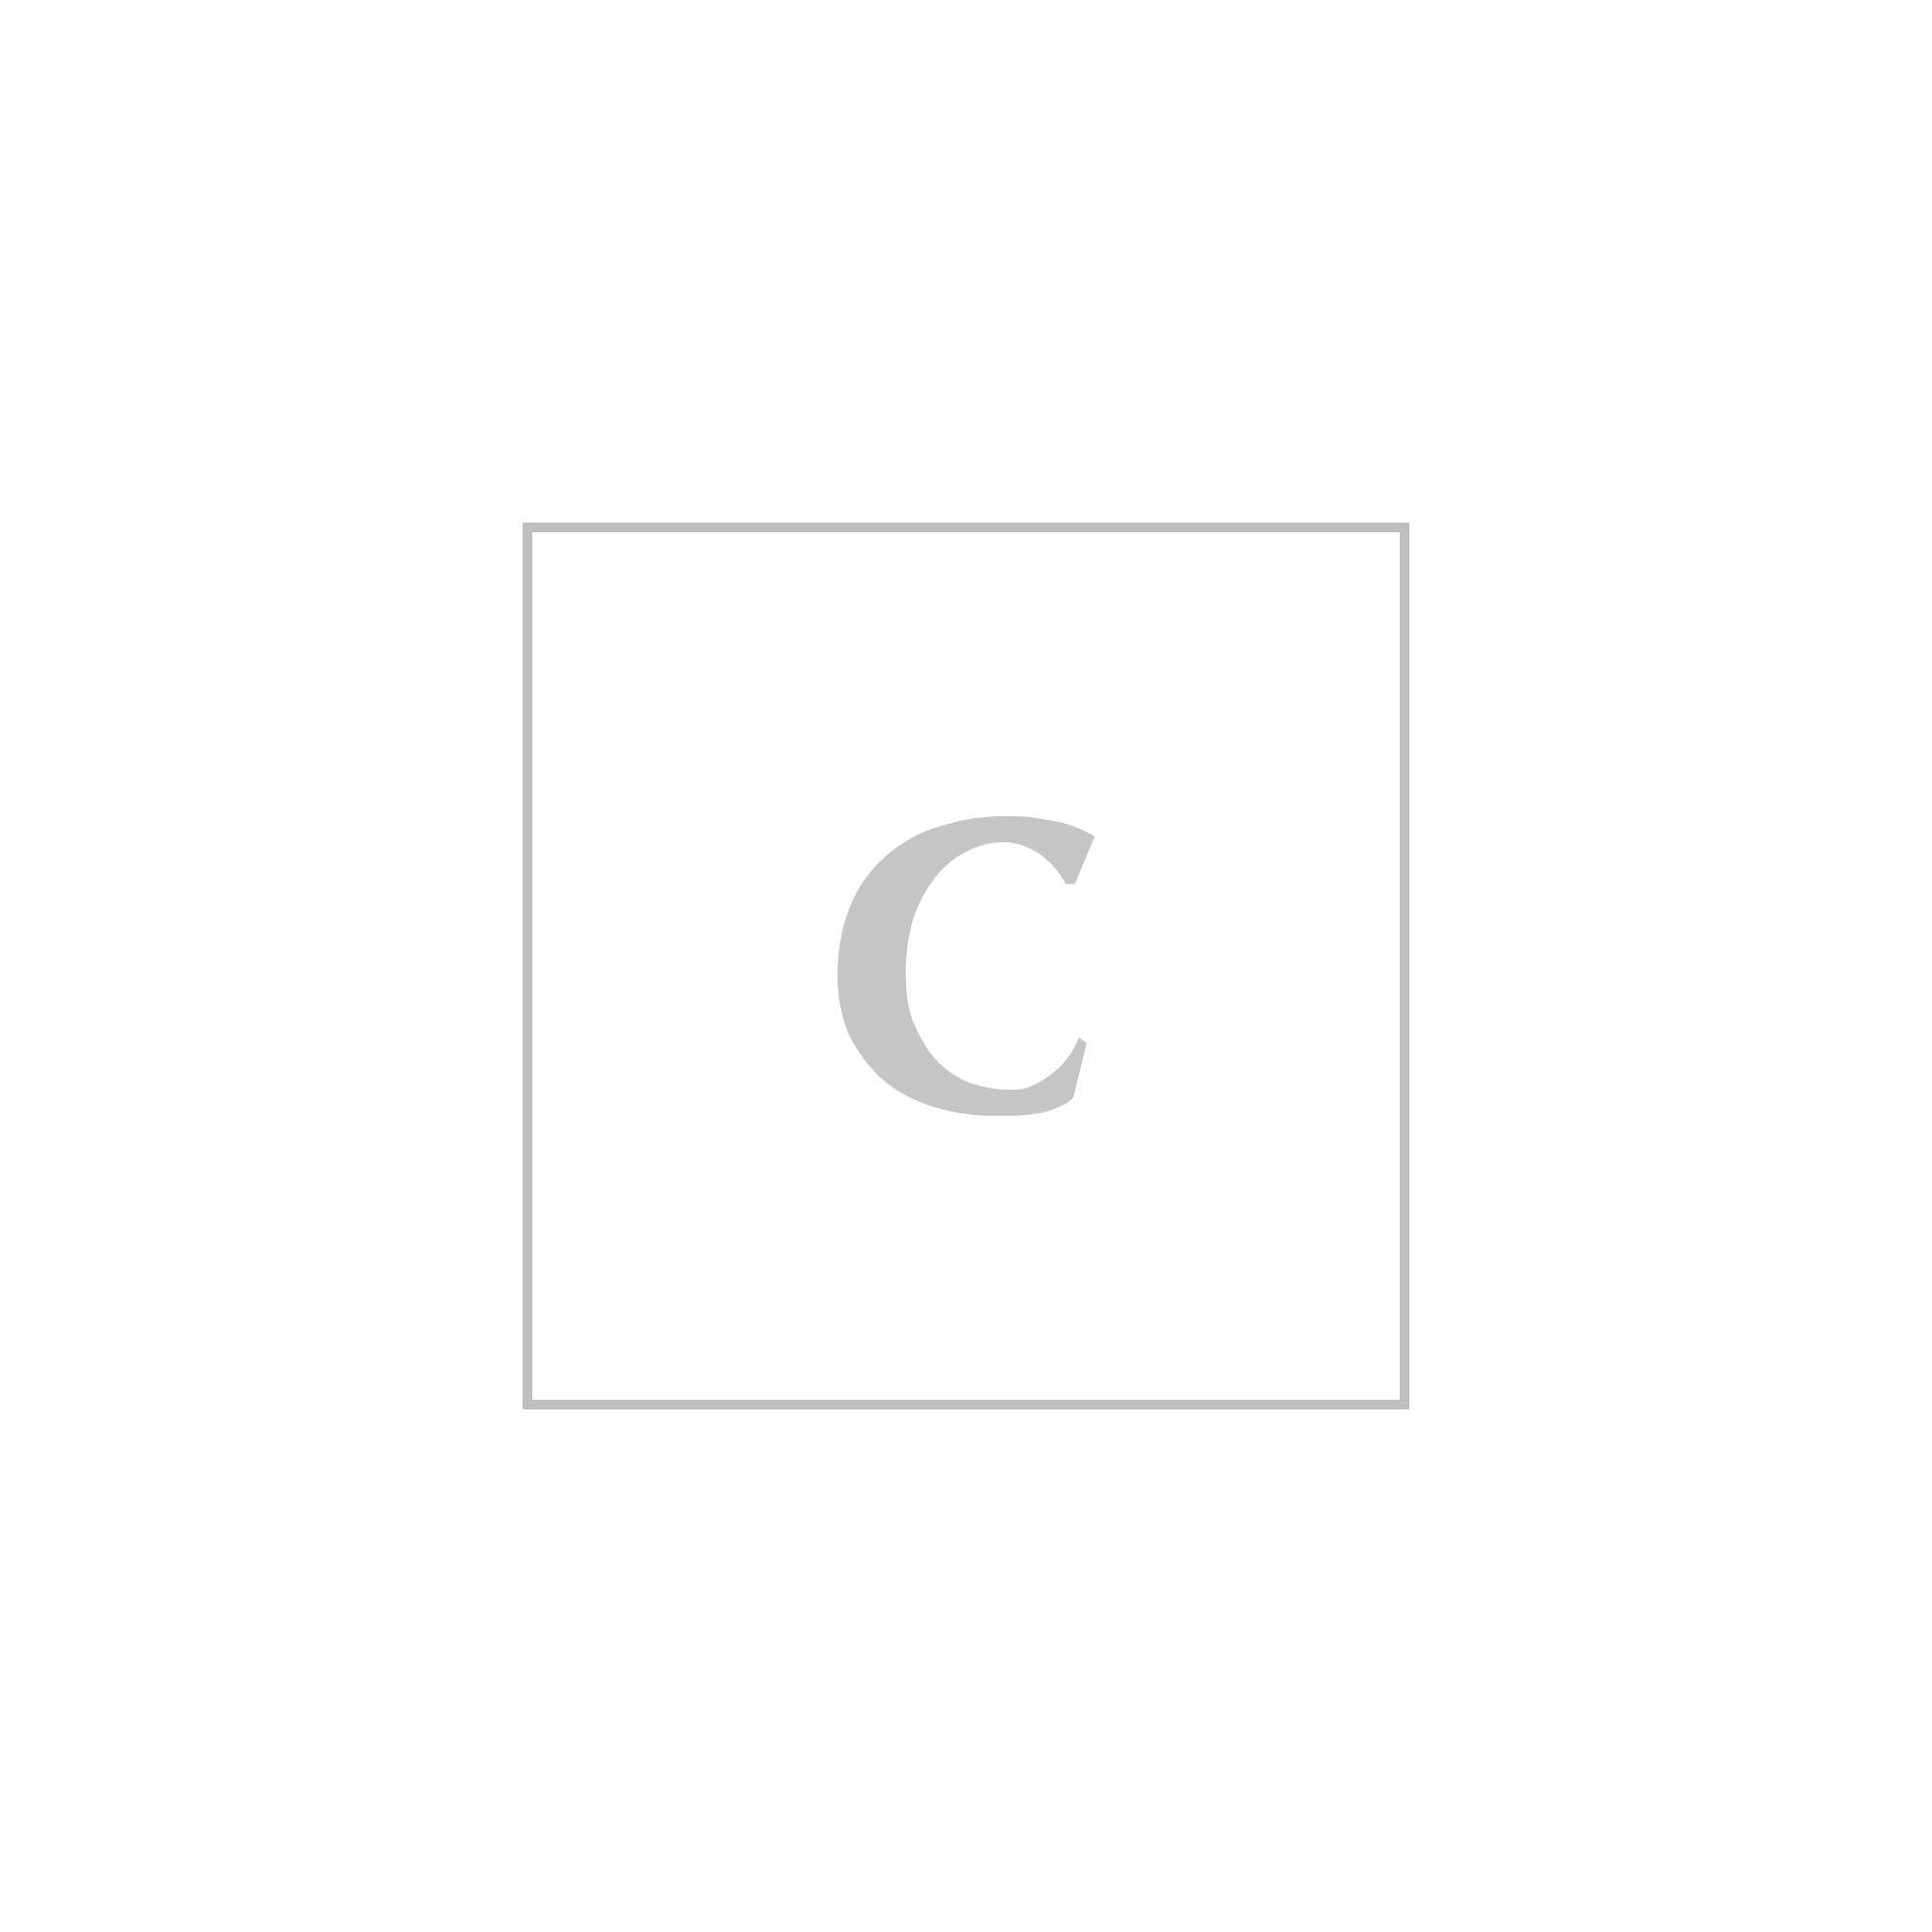 Stella mccartney small pvc logo shopper